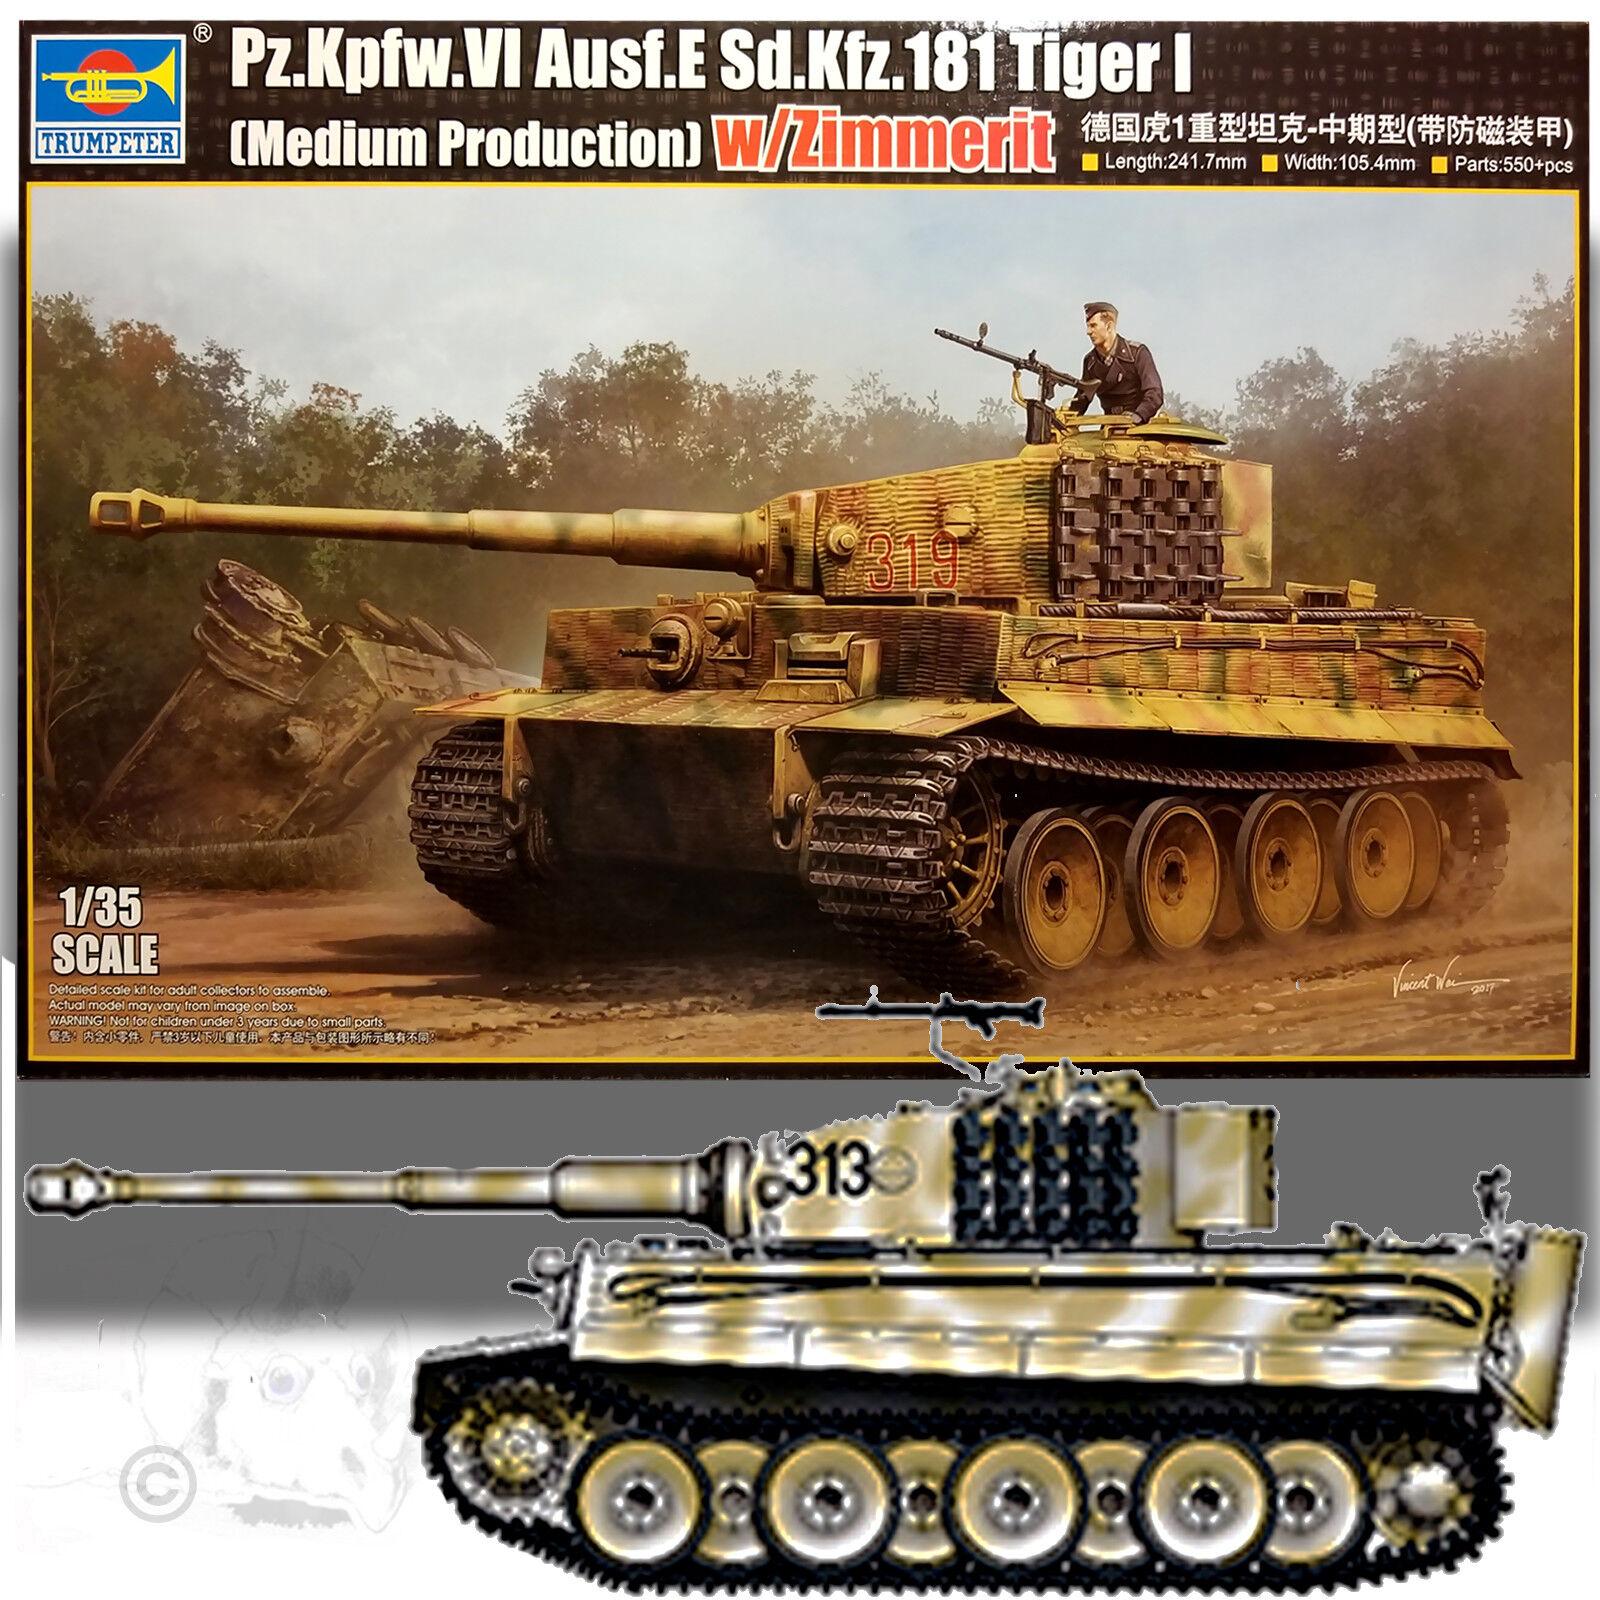 TRUMPETER 1 35 TIGER I (MEDIUM PRODUCTION) W ZIMMERIT MODEL KIT 05939